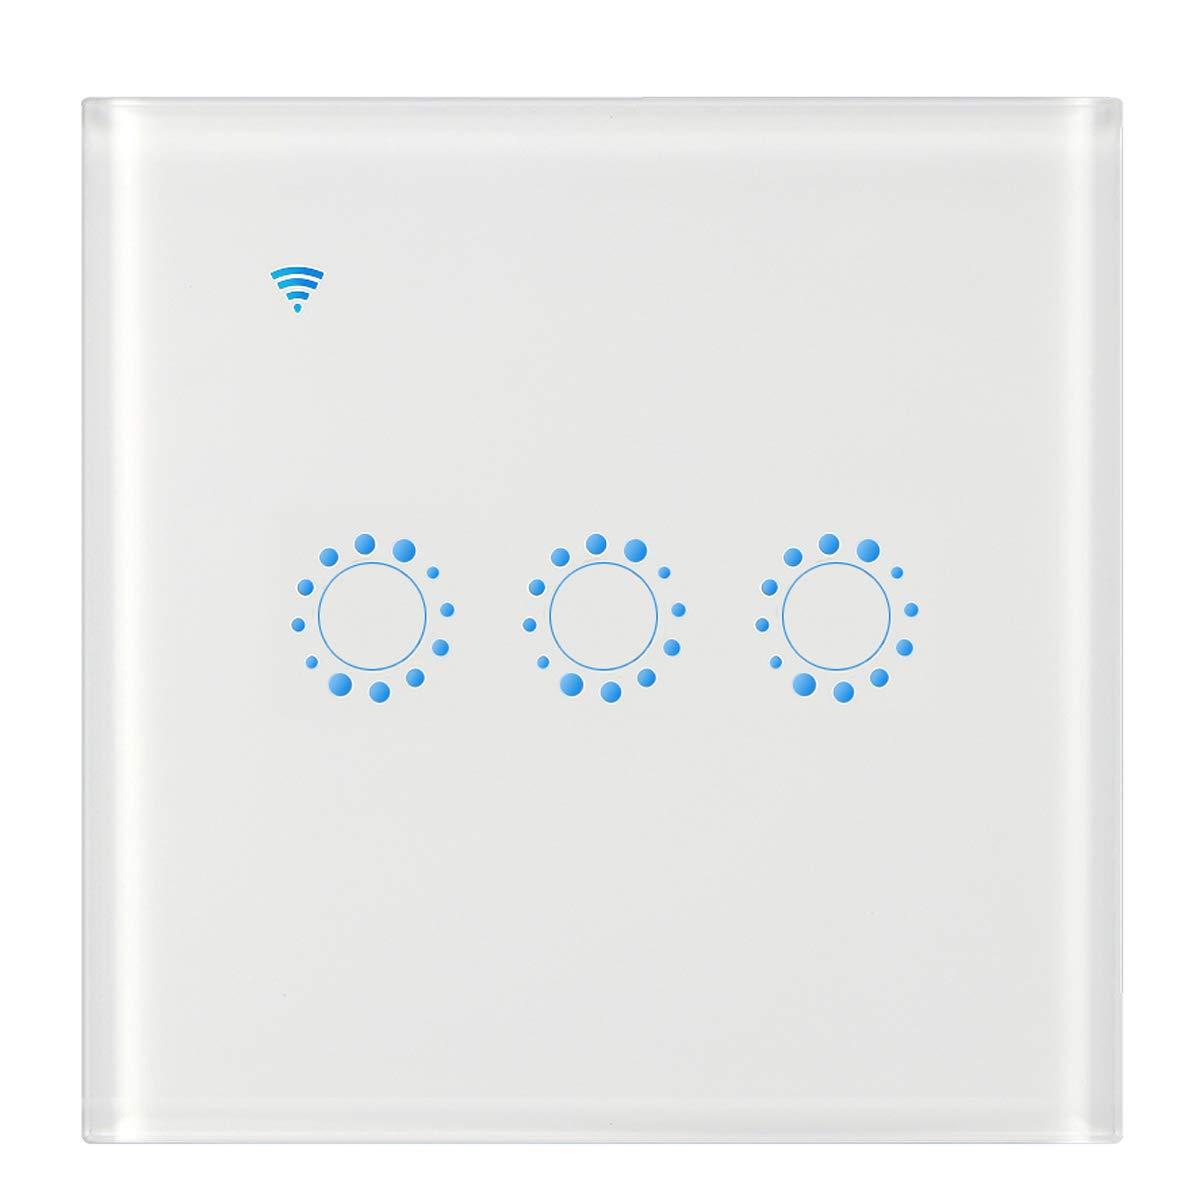 Timing Frontoppy WiFi Touch Wall Interruptor 1 Gang Compatible con Alexa y trabajo con Google Home ifttt Funci/ón de control de App no Requiere Hub Need Neutral Line Smart WiFi Interruptor de luz